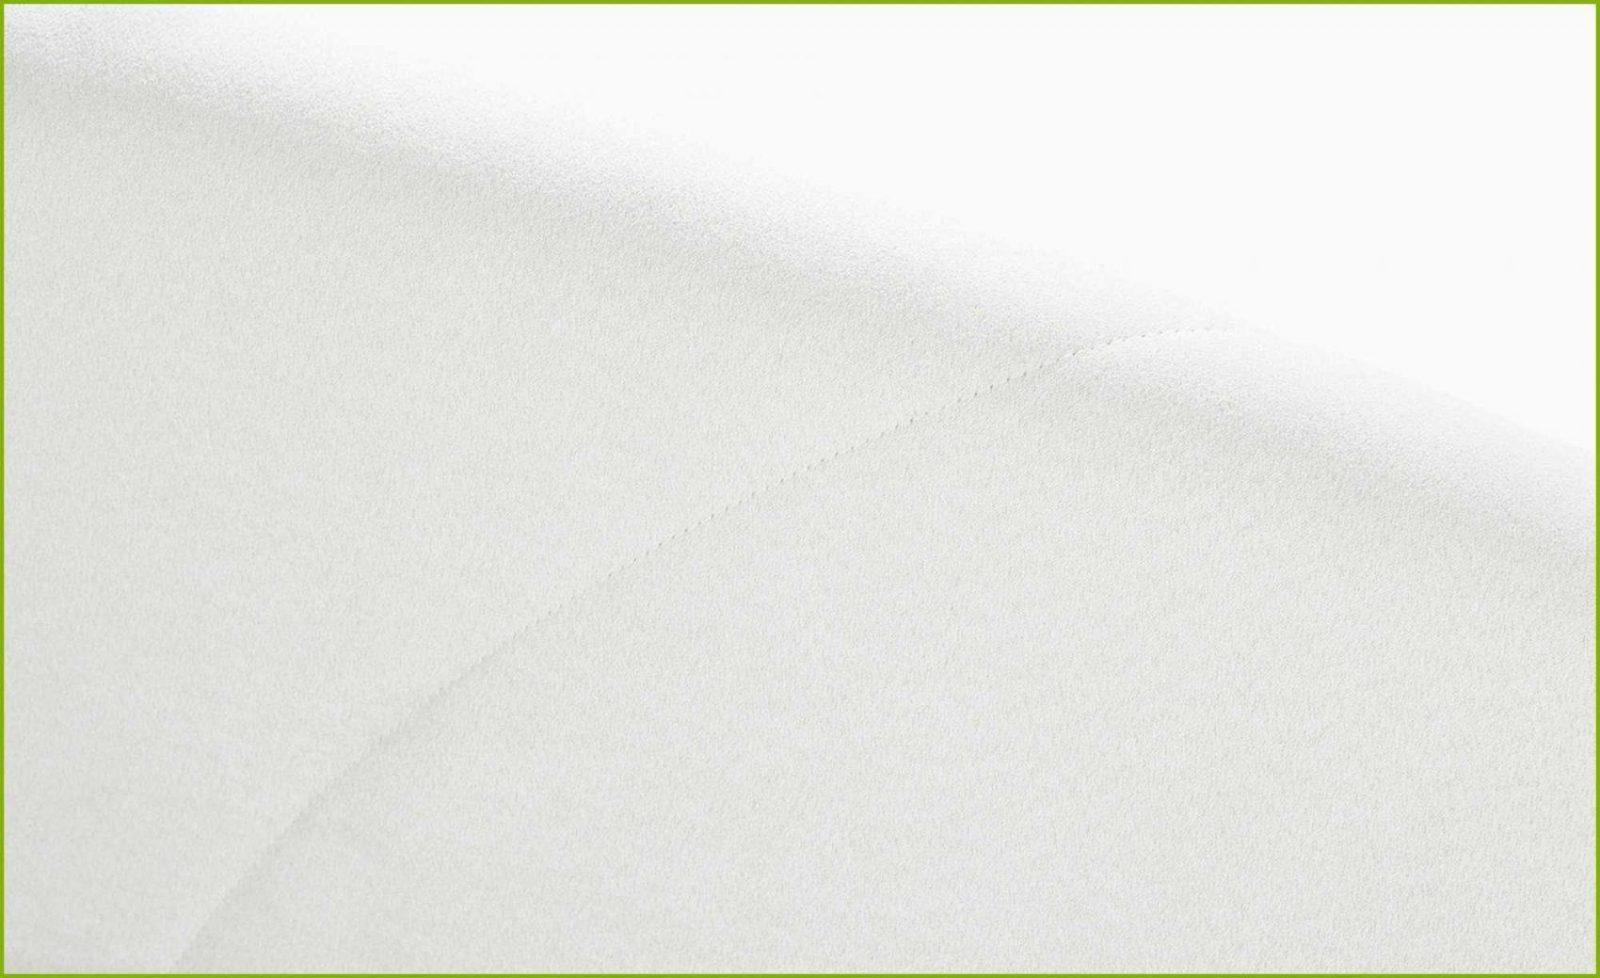 arbeitsplatte breite 70 angenehme k chenarbeitsplatte 70. Black Bedroom Furniture Sets. Home Design Ideas